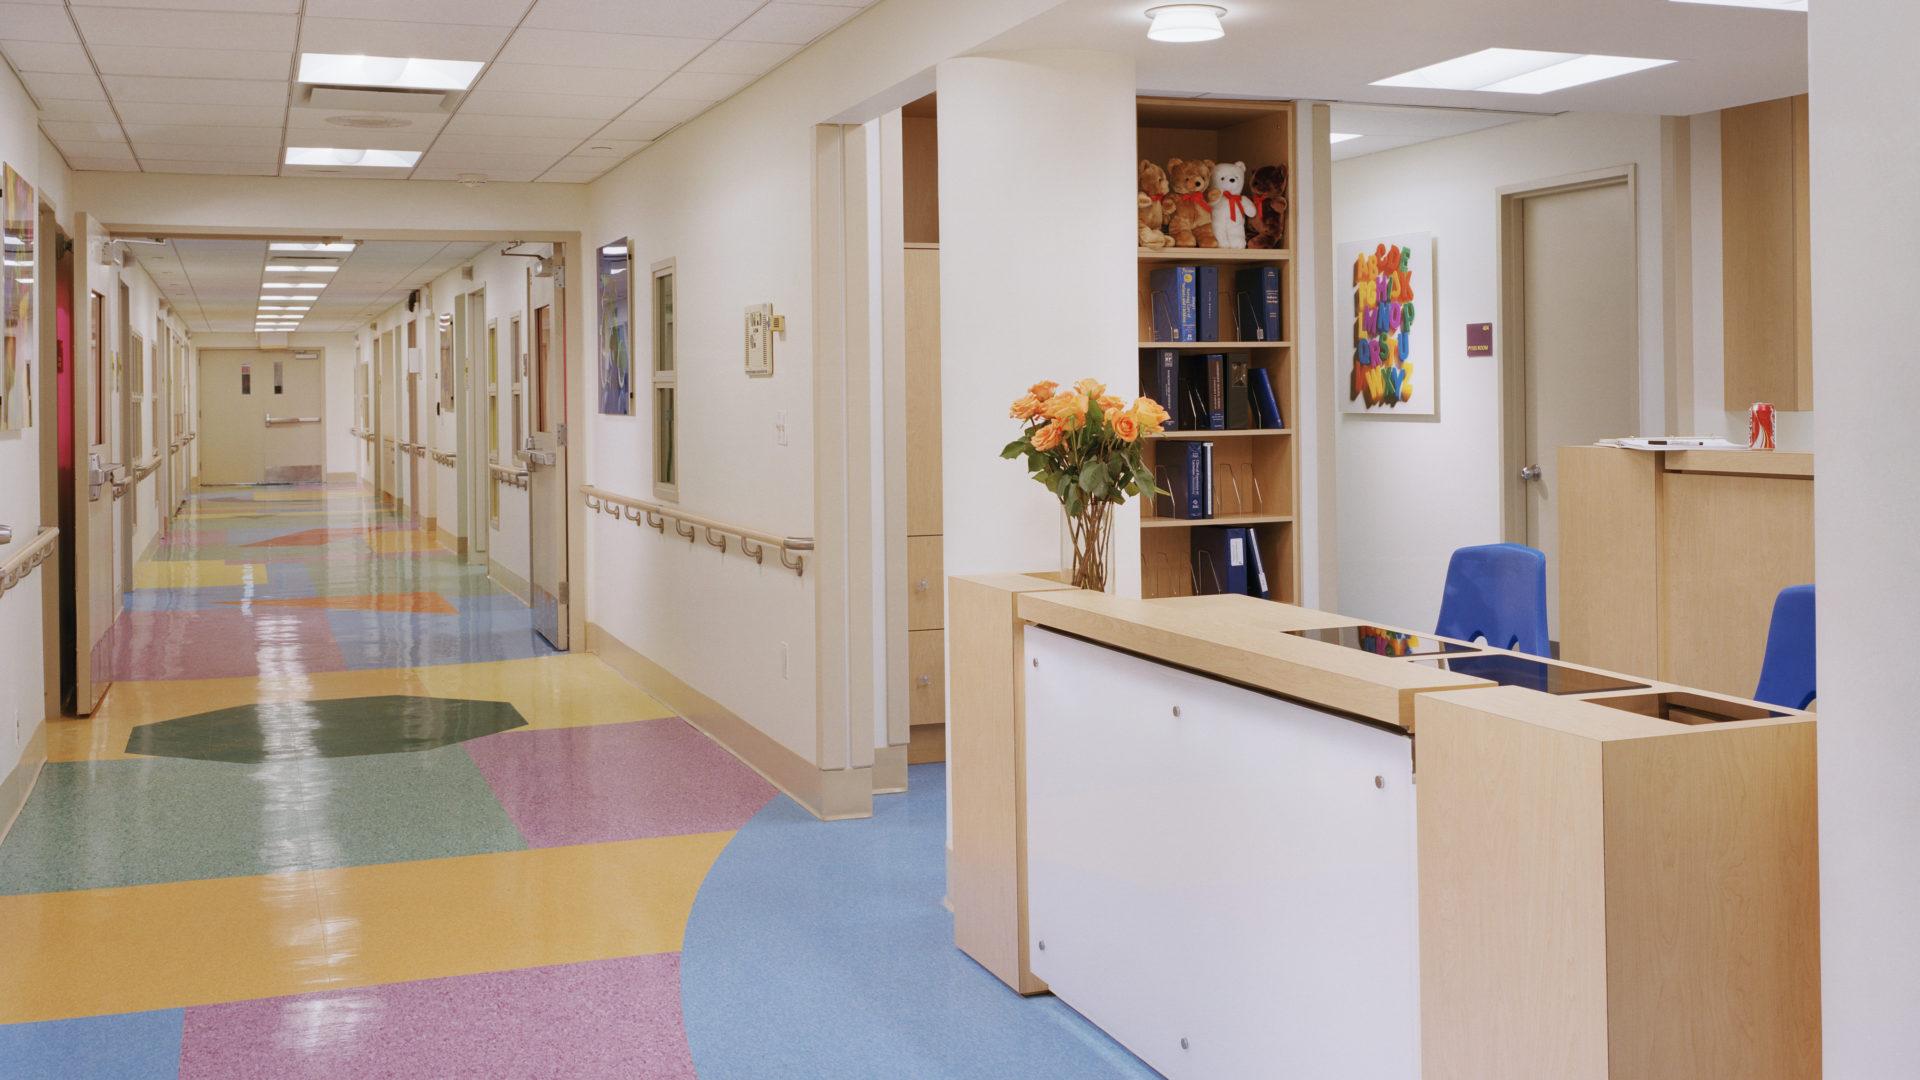 Mt. Sinai Kravis Children's Hospital